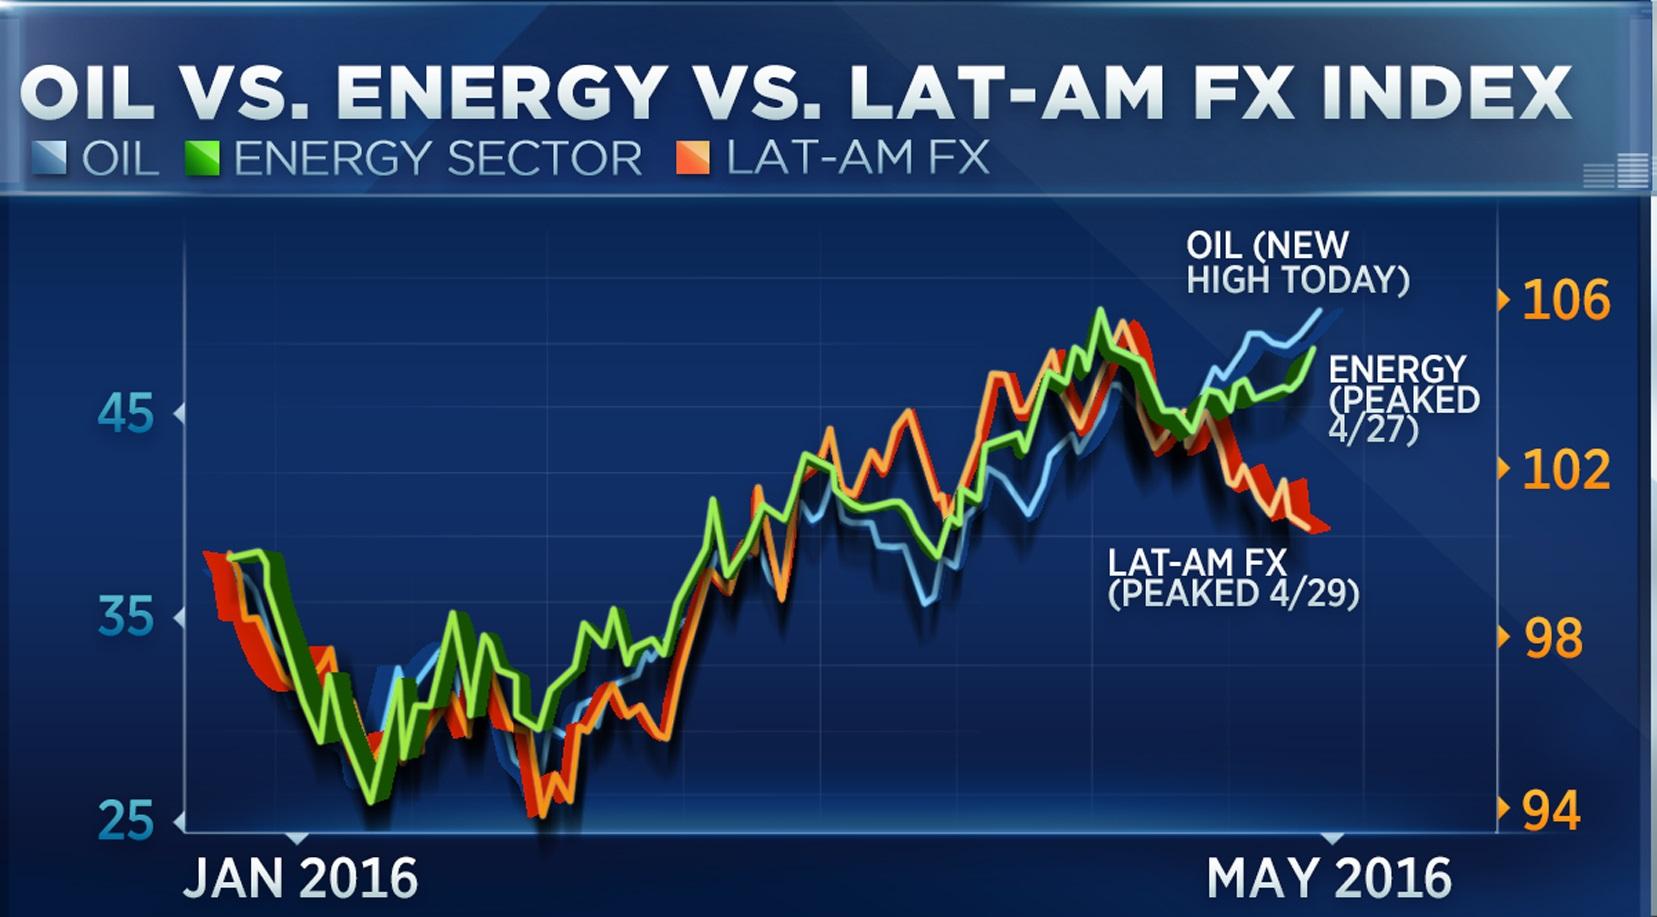 Diễn biến giá dầu (xanh nước biển), cổ phiếu năng lượng (xanh lá cây) và đồng Peso (đỏ)